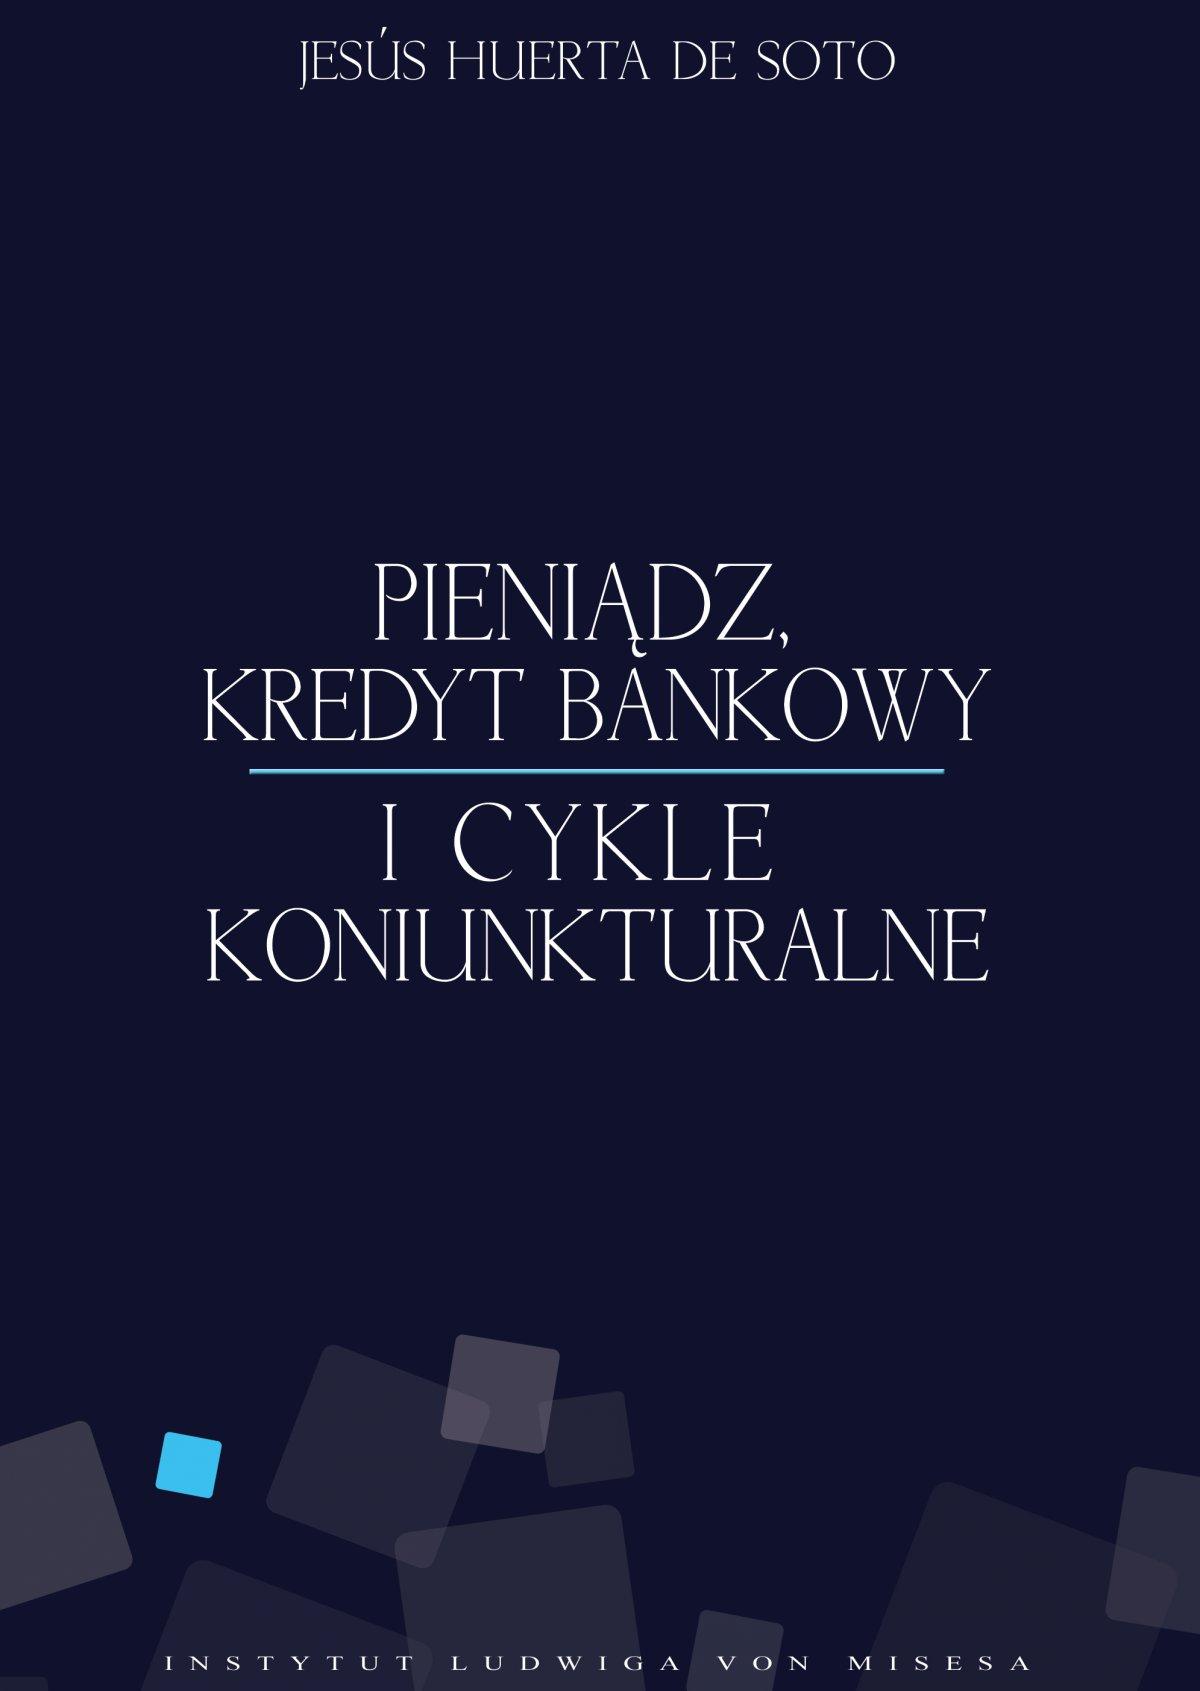 Pieniądz, kredyt bankowy i cykle koniunkturalne - Ebook (Książka na Kindle) do pobrania w formacie MOBI